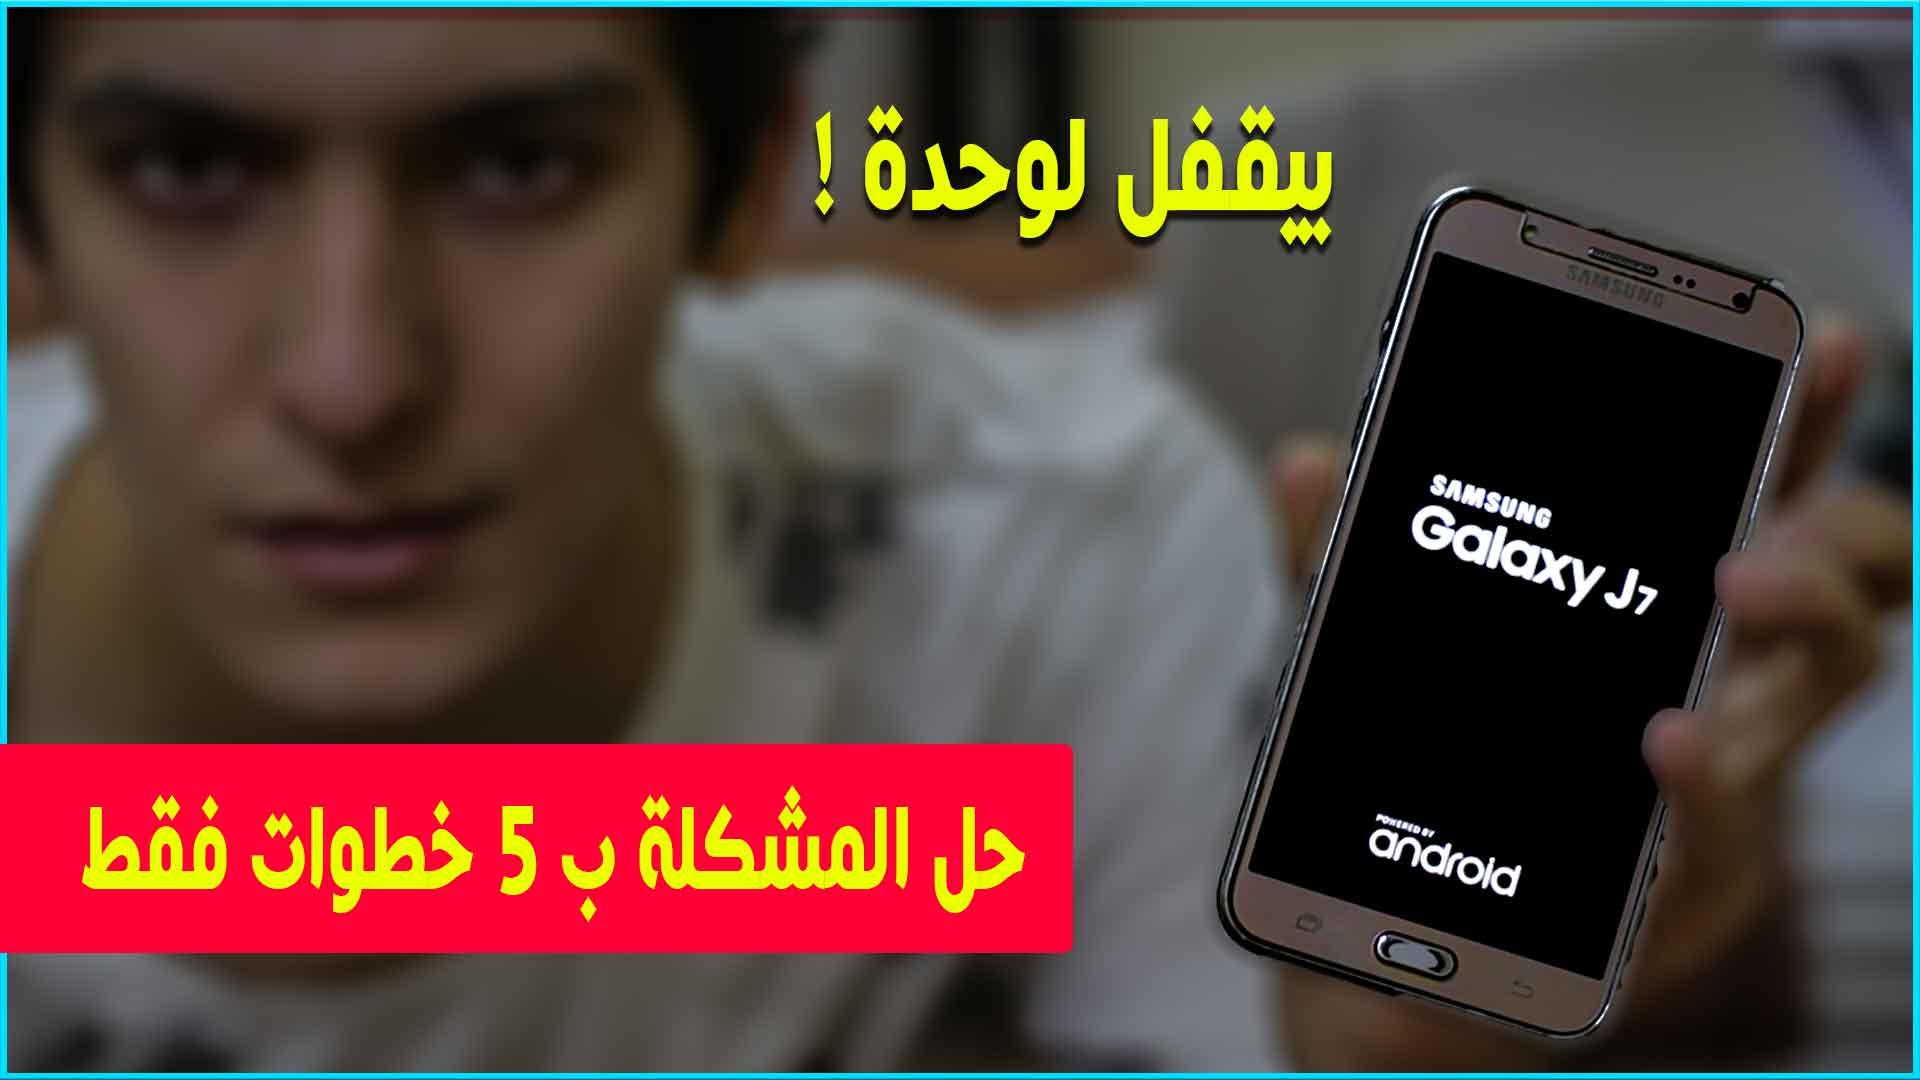 5 خطوات لحل مشكلة انطفاء الموبايل لوحده بدون اى سبب !